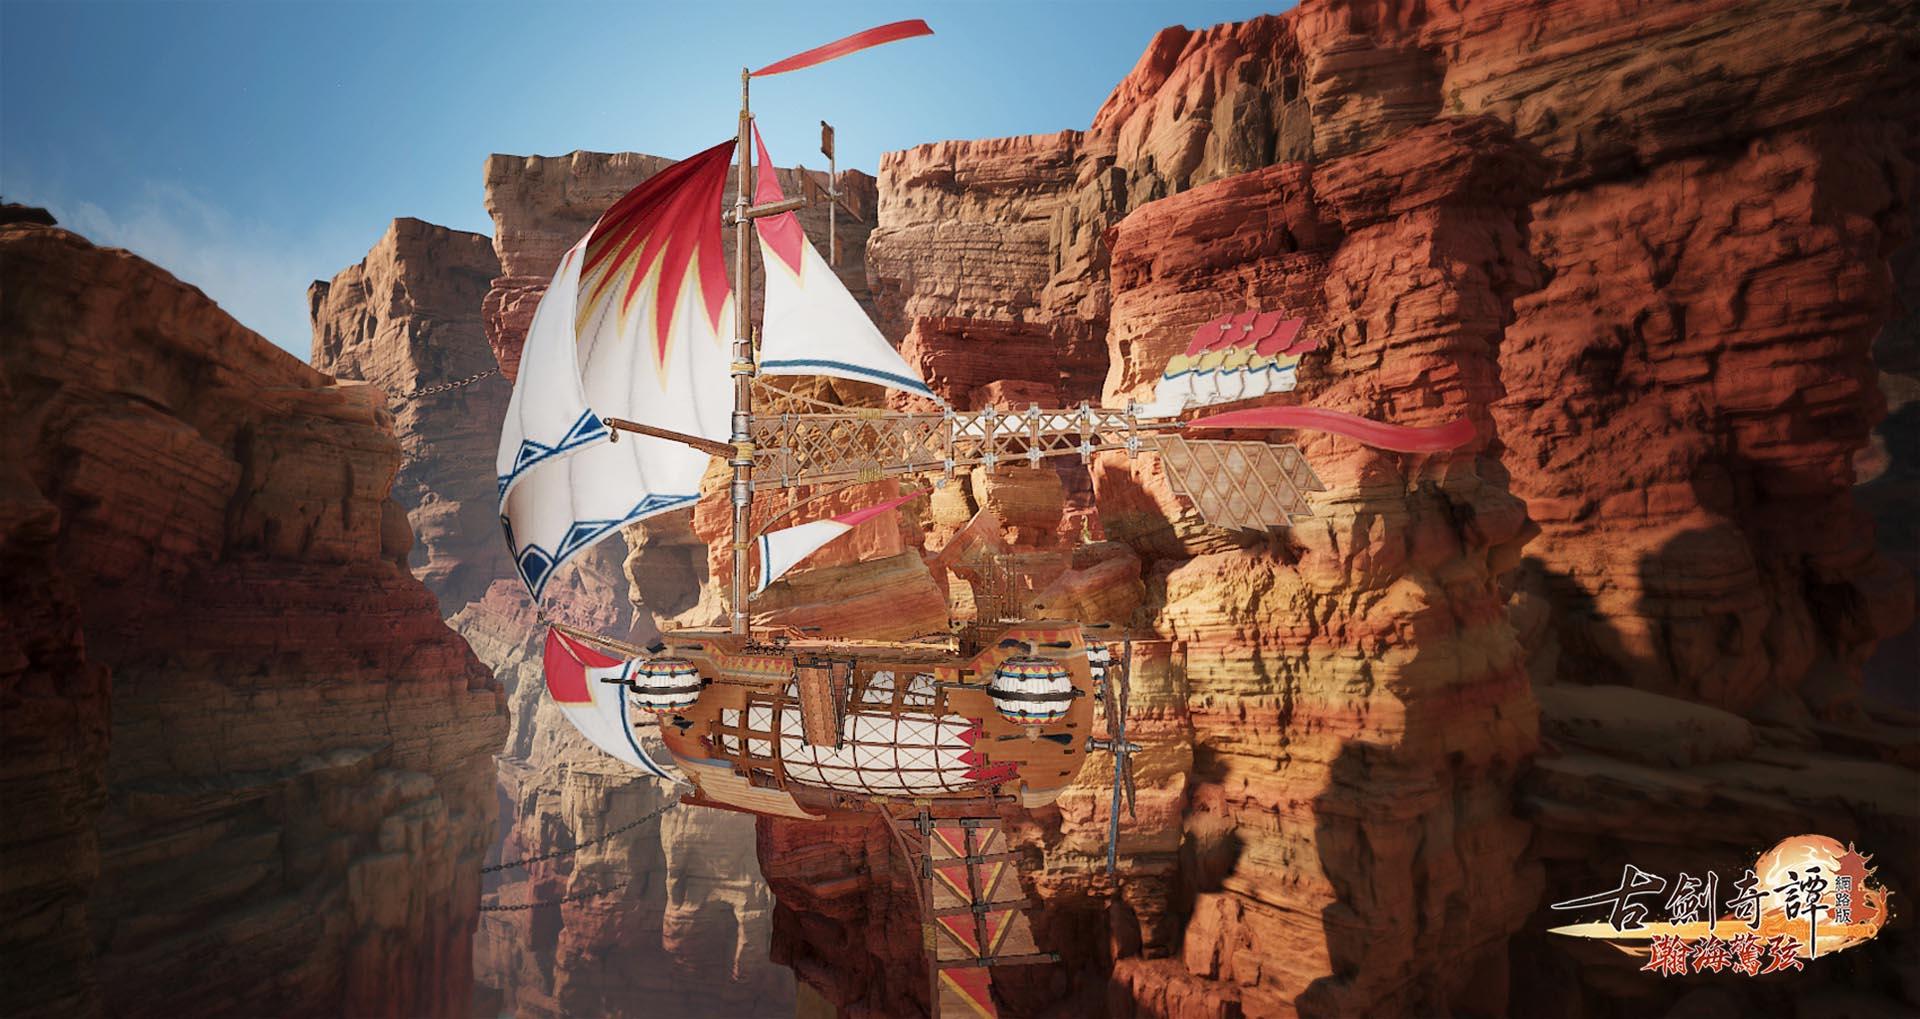 《古劍奇譚網路版》「瀚海驚弦」今日改版登場 全新職業、四大秘境、塔防解密 多重玩法上線